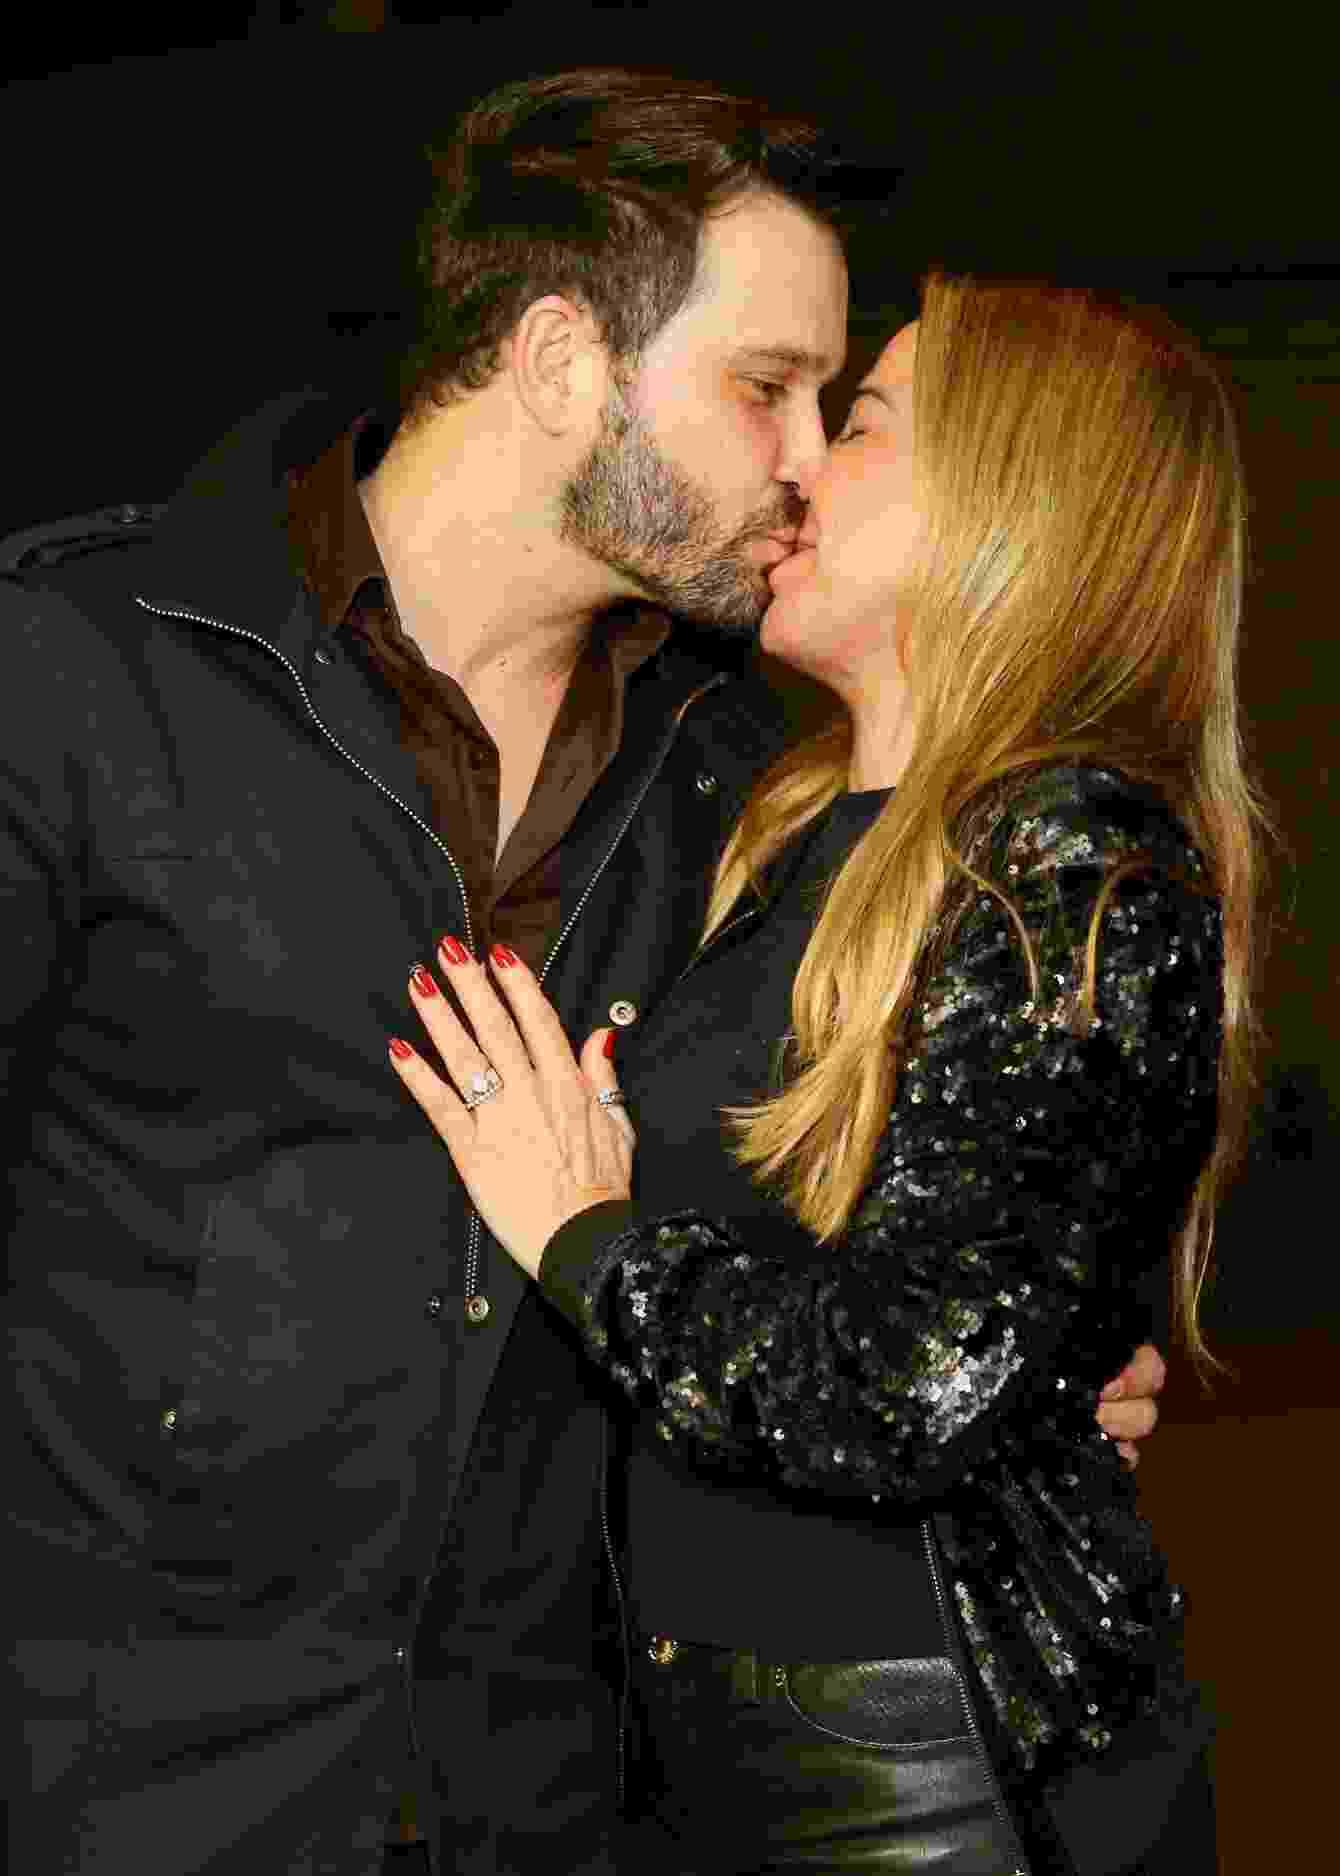 Marco Ruggiero e Zilu se beijam durante o Milkshake Festival, em São Paulo - Manuela Scarpa/Brazil News